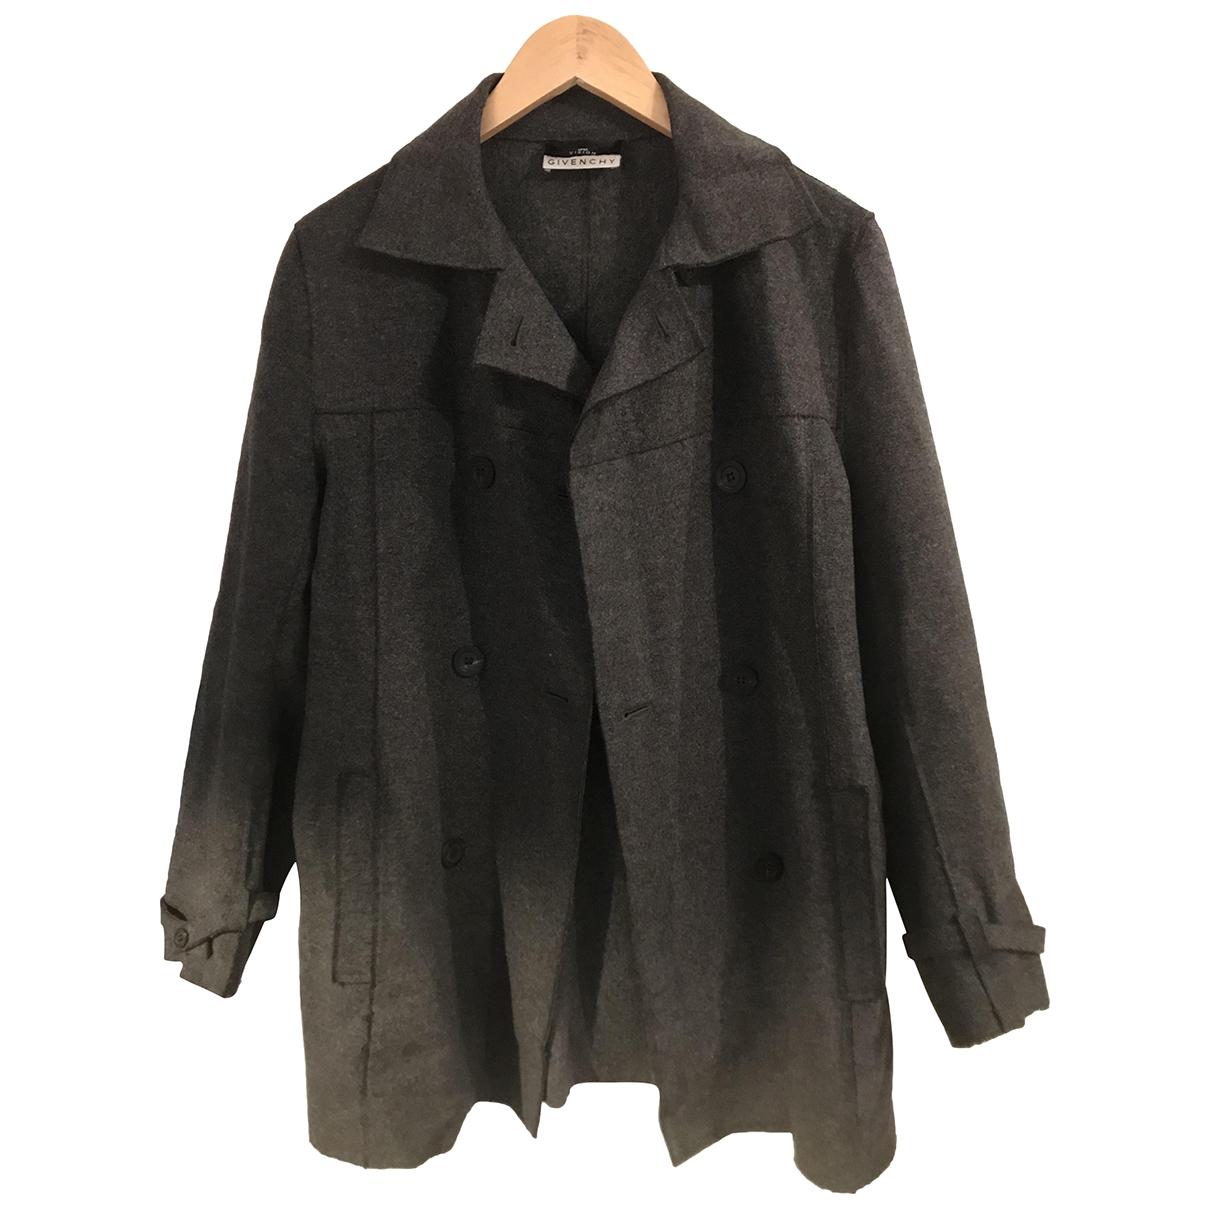 Givenchy - Manteau   pour femme en laine - anthracite